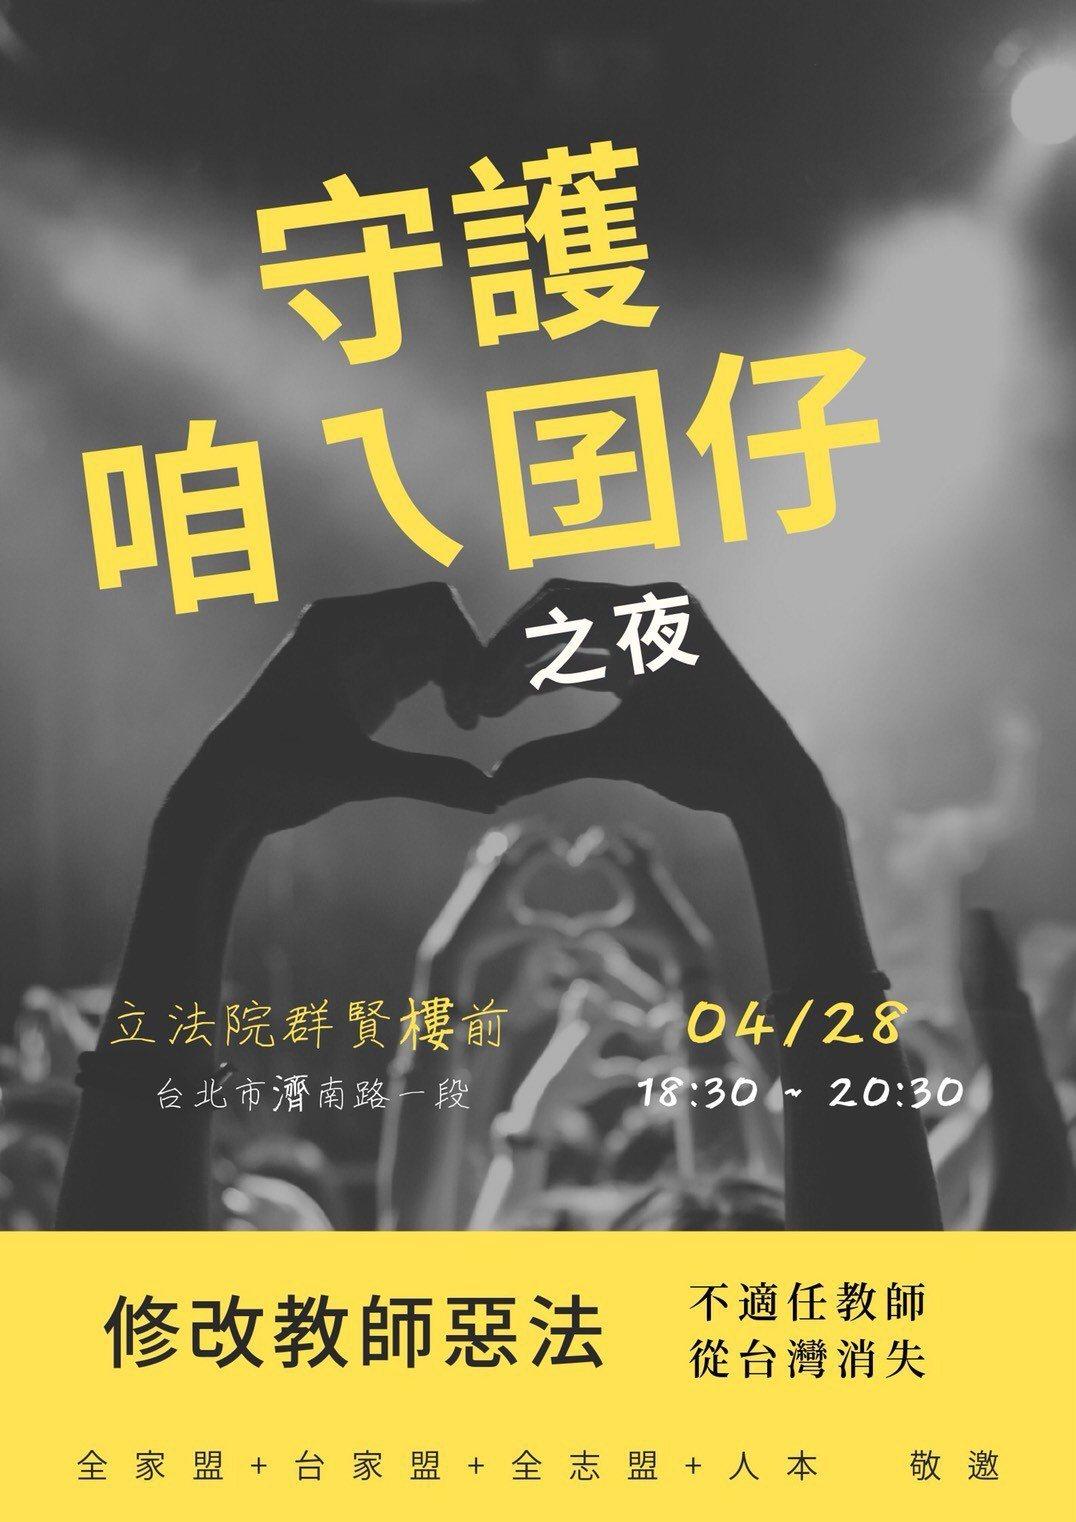 包括全國家長團體聯盟、台灣家長教育聯盟、全國家長教育志工團體聯盟、人本教育基金會...